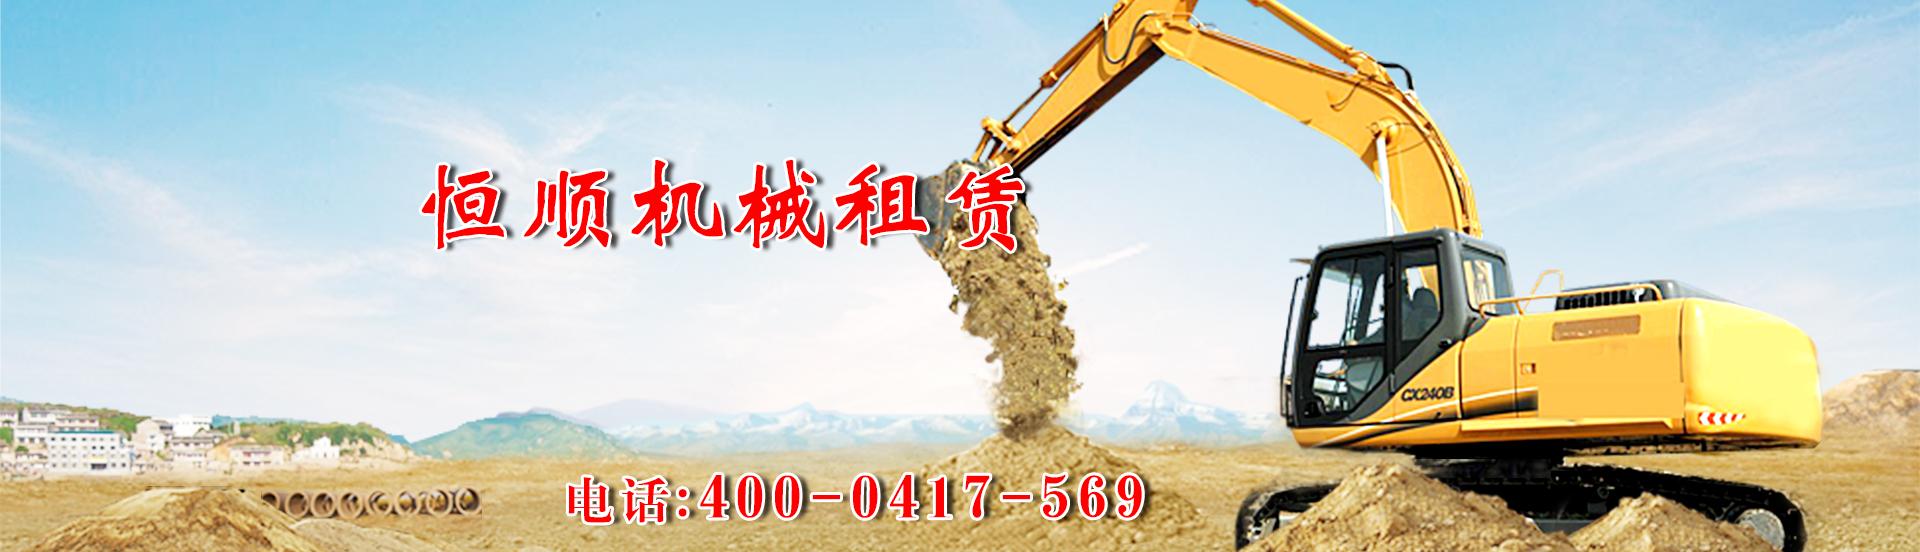 工程设备租赁